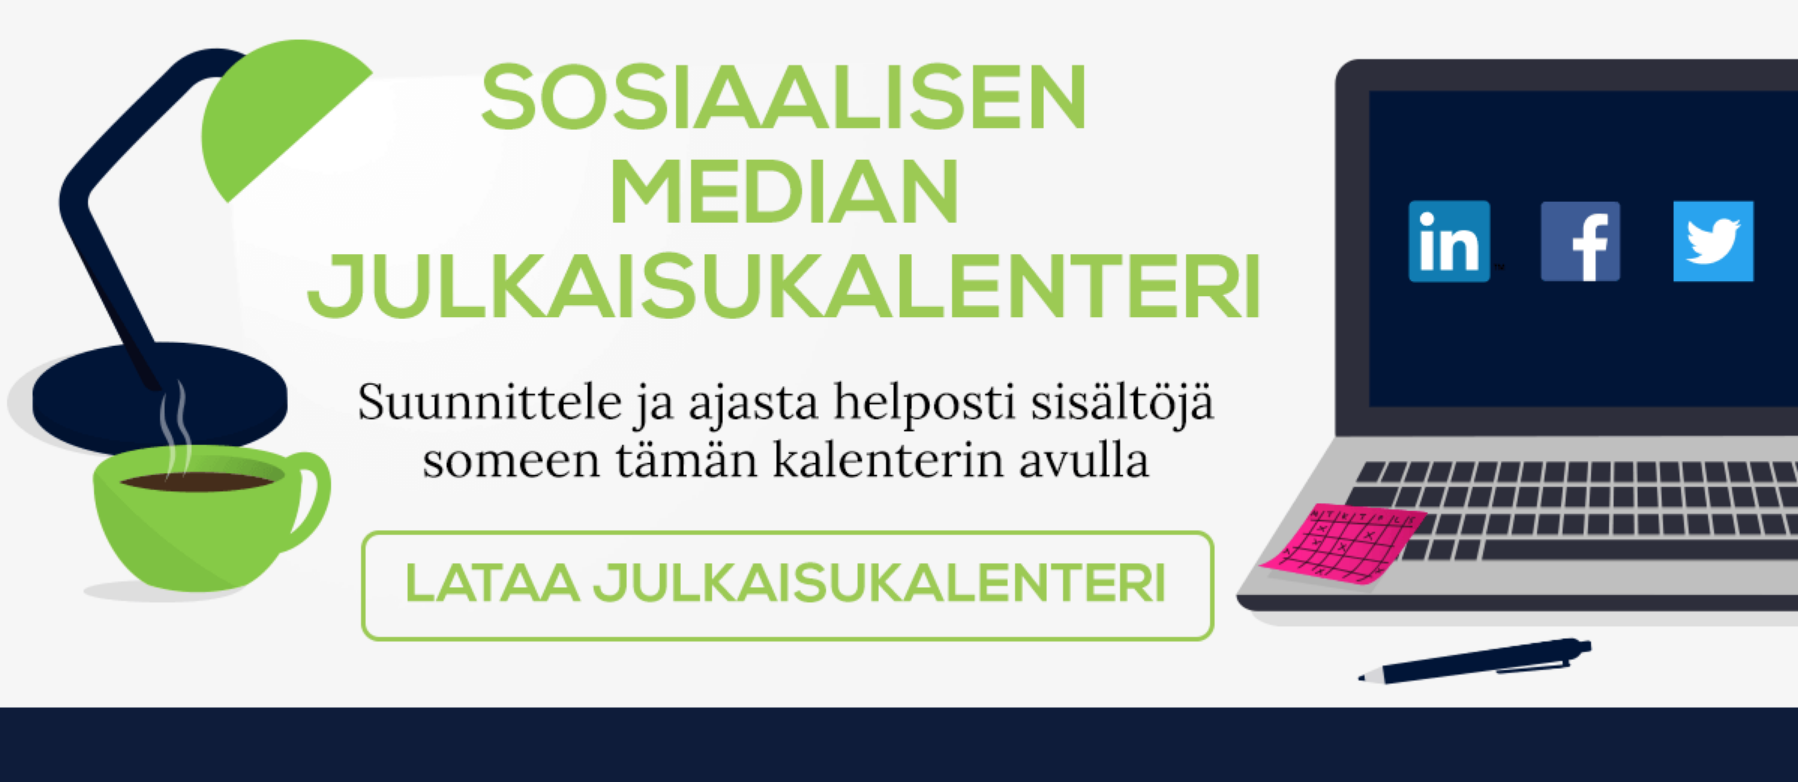 Sosiaalisen median julkaisukalenteri, Esimerkki inbound-markkinoinnista